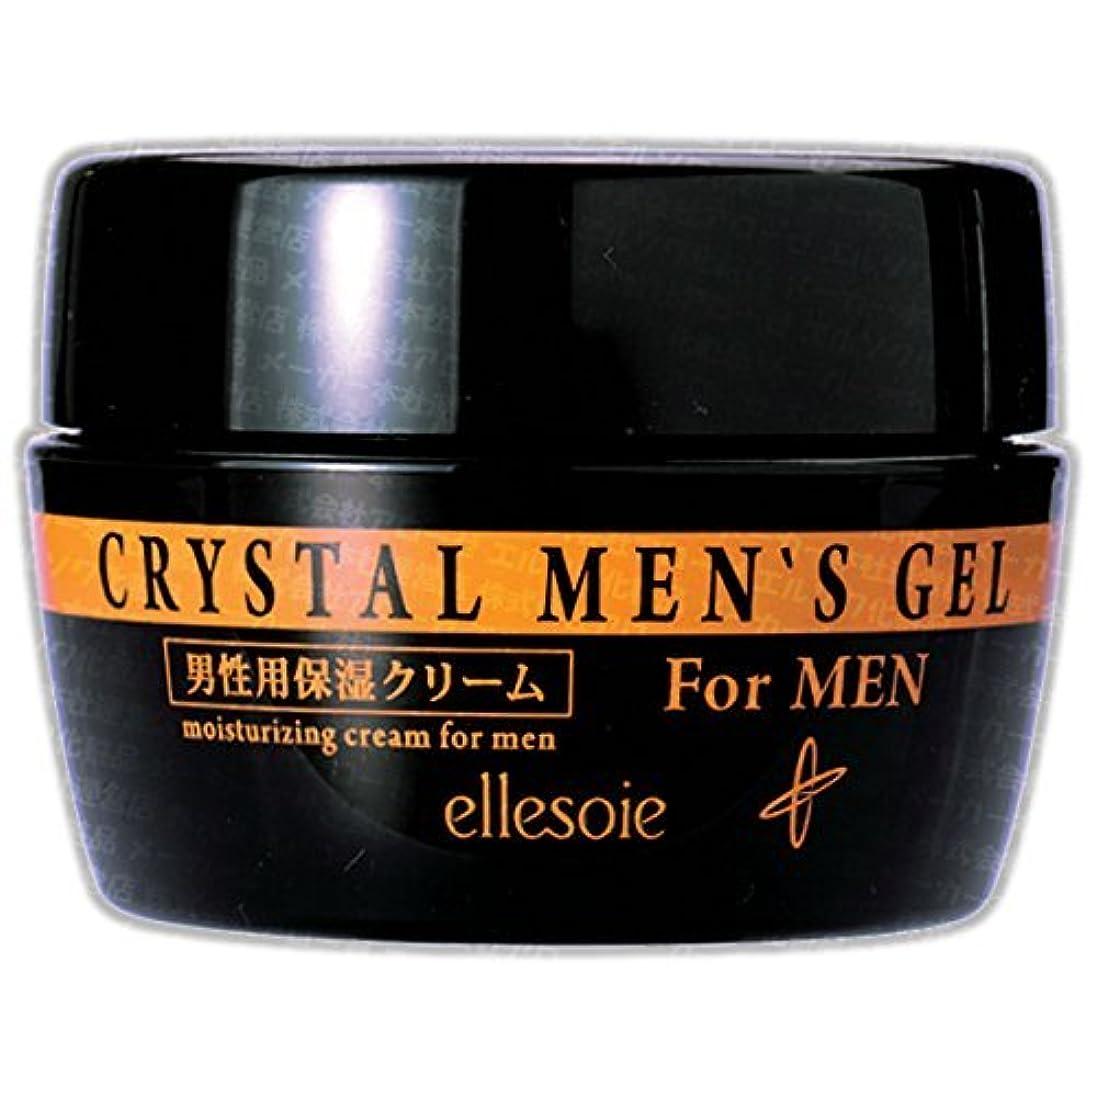 支店ボーナス元に戻すエルソワ化粧品(ellesoie) クリスタル メンズゲル 男性向けオールインワン